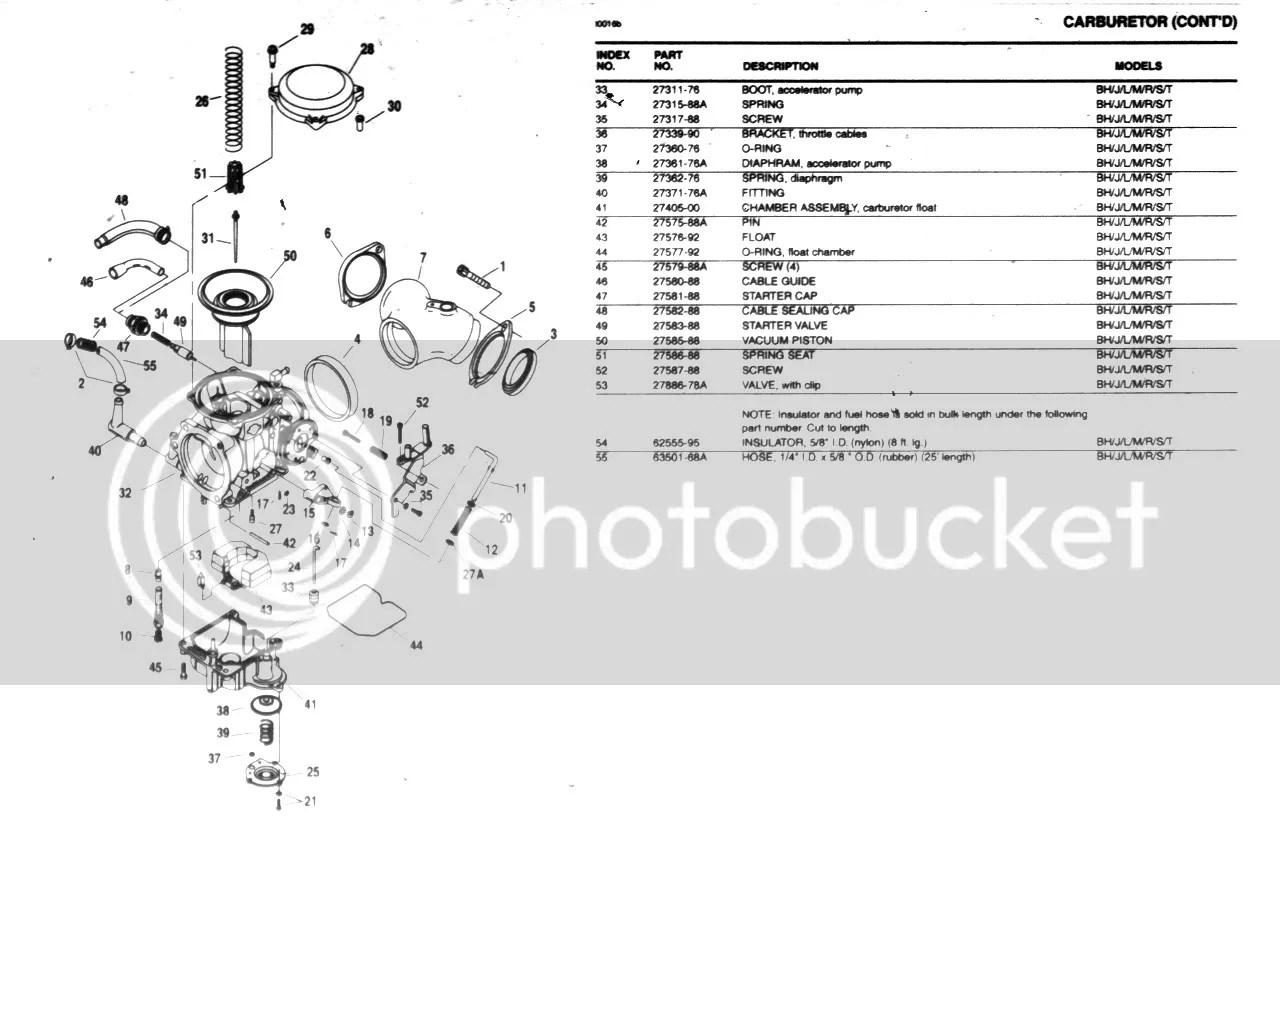 Engine Diagram For 1997 1200 Harley Sportster, Engine, Get